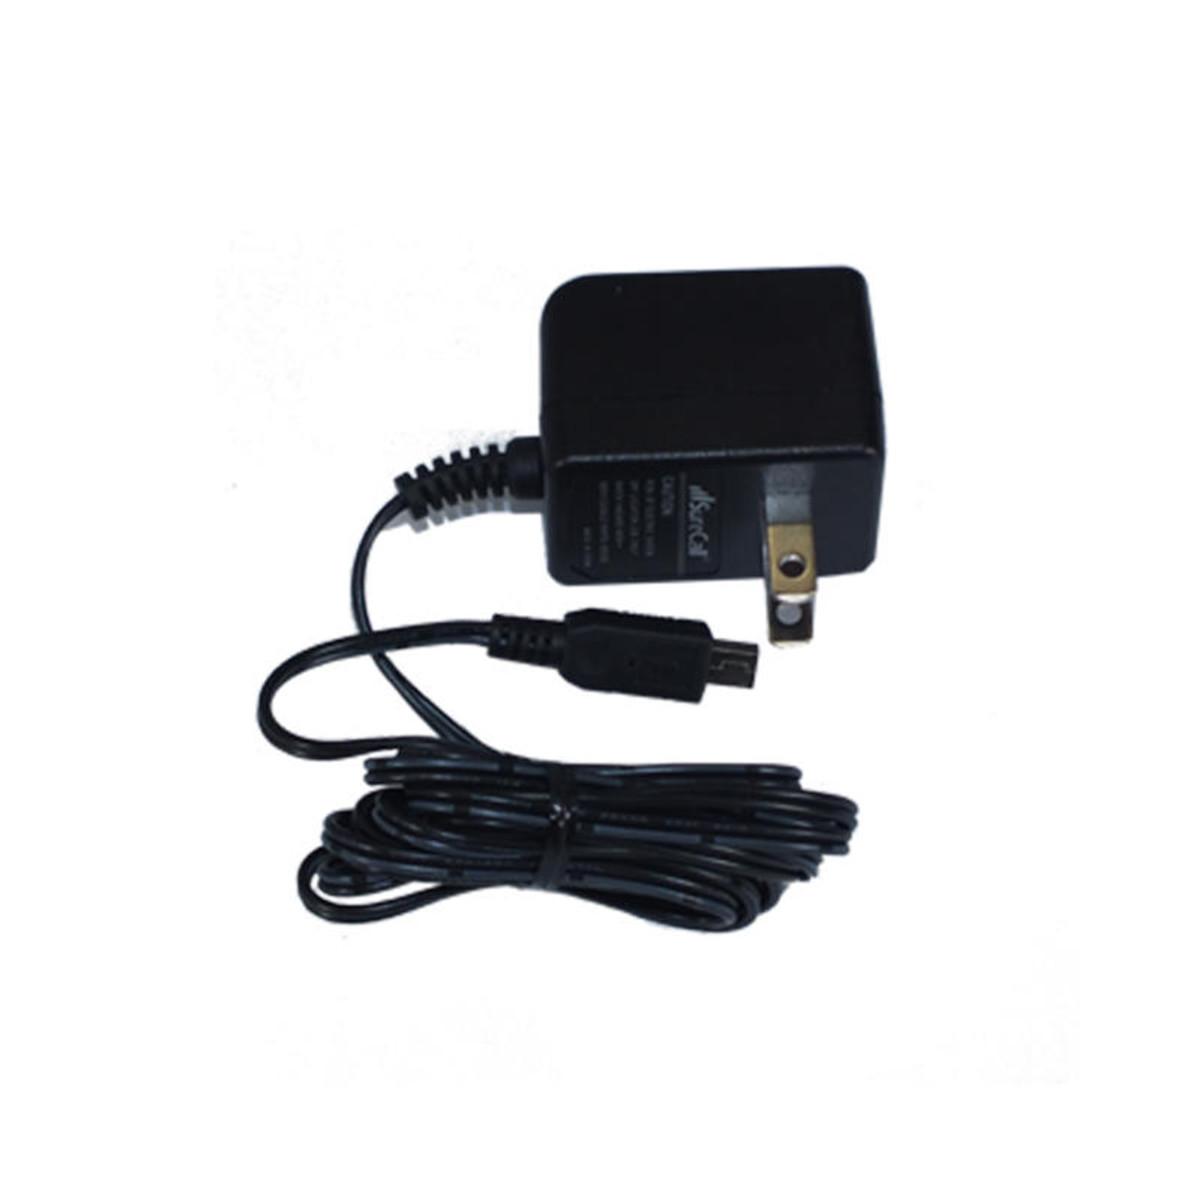 SureCall SureCall 5V/1A AC Power Supply or SC-AC-5V1A-U